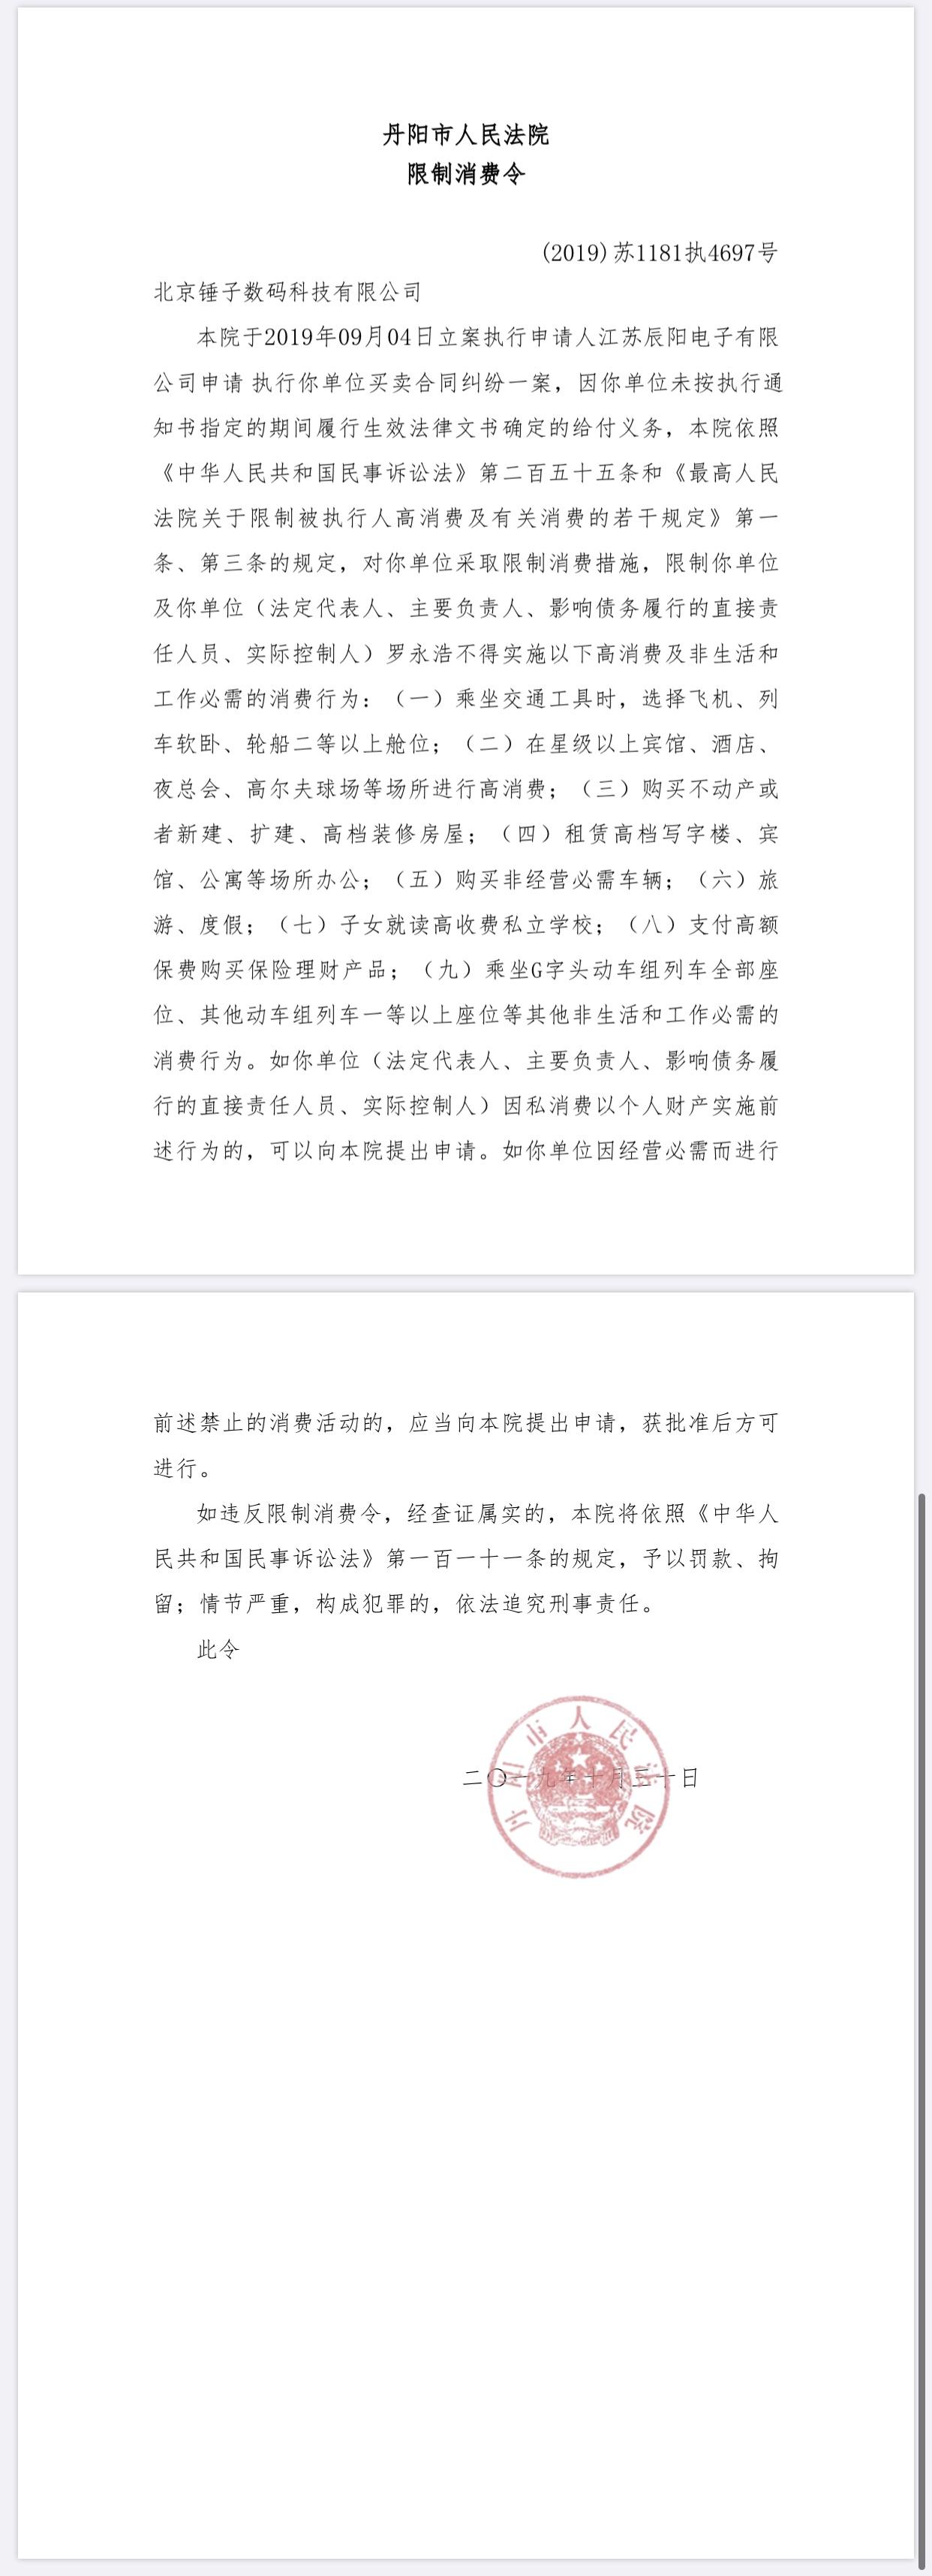 罗永浩被法院限消费 不得选飞机列车二等以上舱位